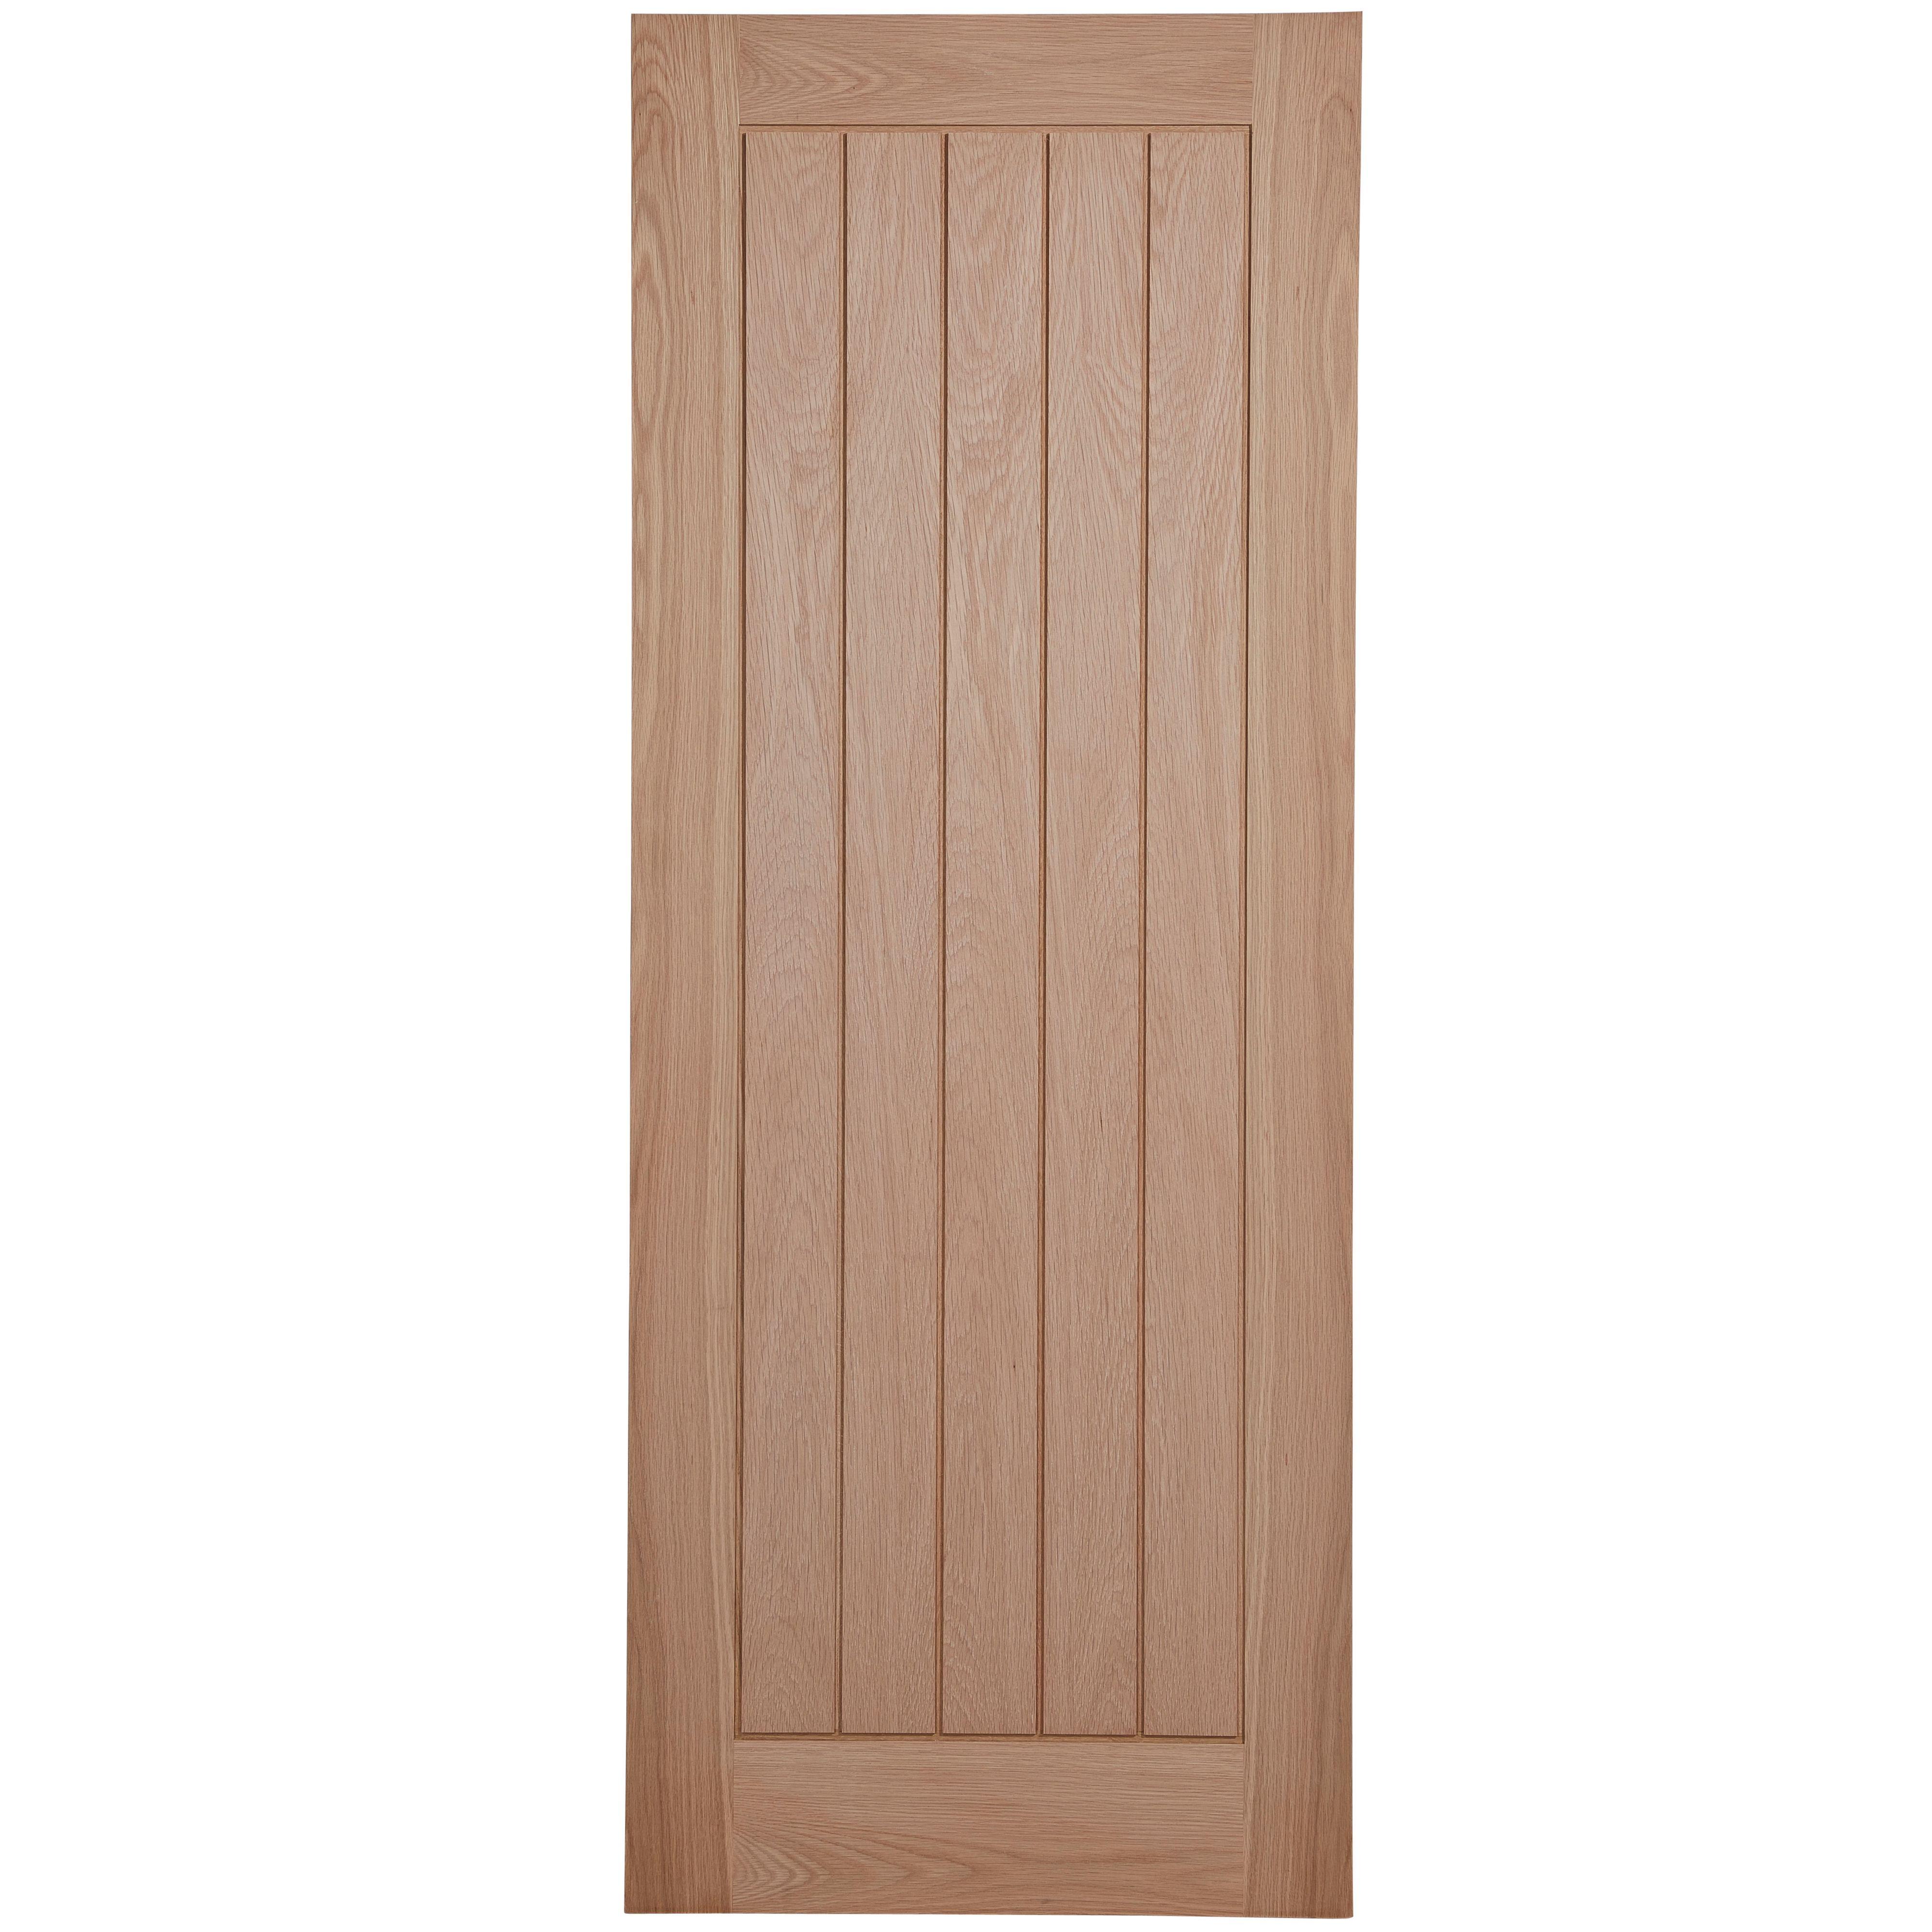 Cottage panel oak veneer unglazed internal standard door for Wood veneer garage doors